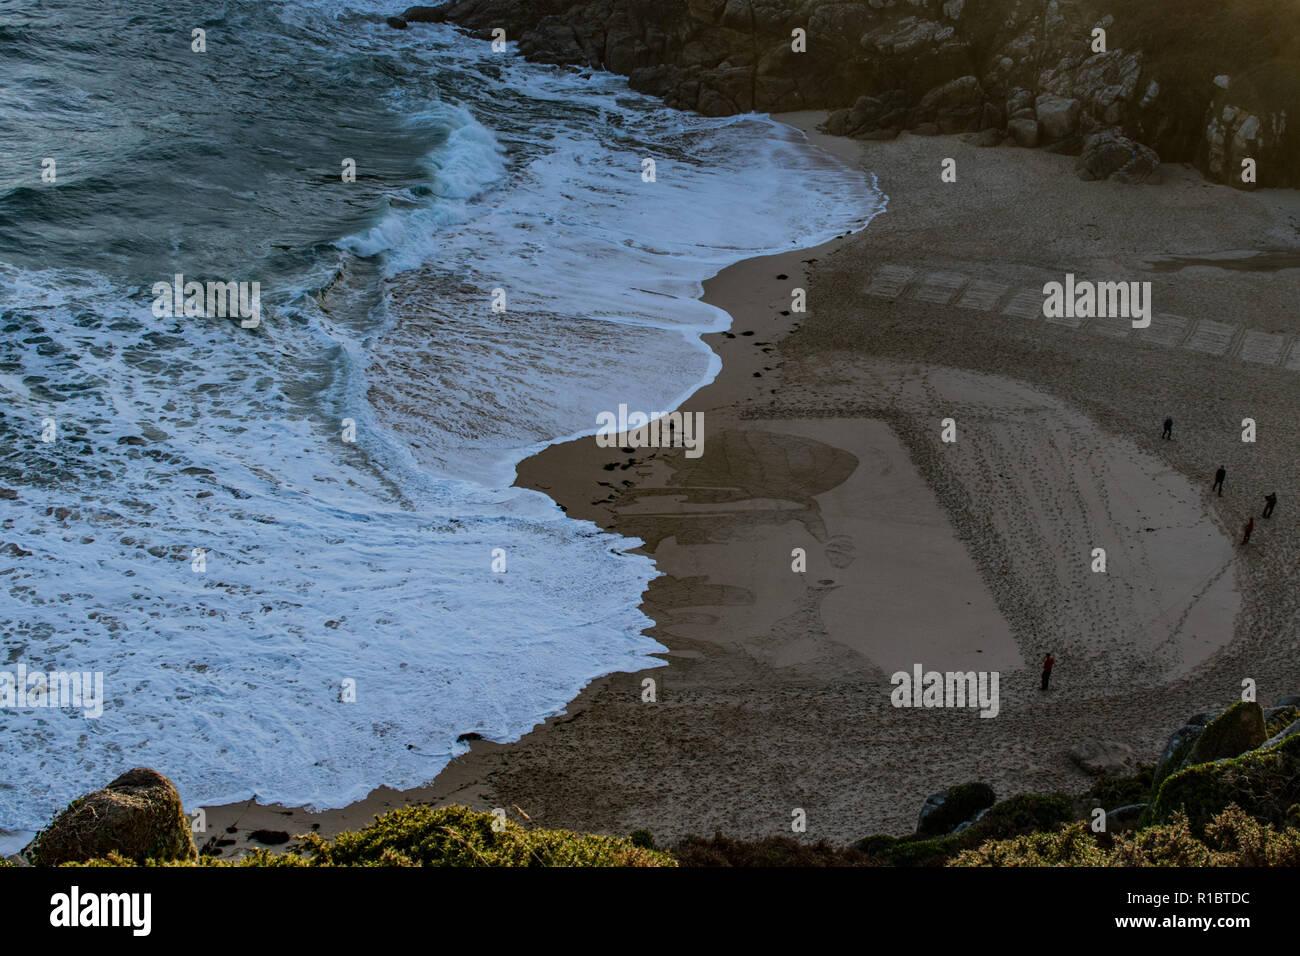 Porthcurno, Cornwall, UK. 11. November 2018. Wellen wurde schließlich über den Giant Sand Portrait, das heute auf der Porthcurno Strand auf das 100-jährige Jubiläum der Armistice Day hergestellt wurde. Dieses Portrait wurde von Richard CHARLES GRÄBER - SAWLE Coldstream Guards Alter: 26 TODESTAG: 02.11.1914: Simon Maycock/Alamy leben Nachrichten Stockfoto